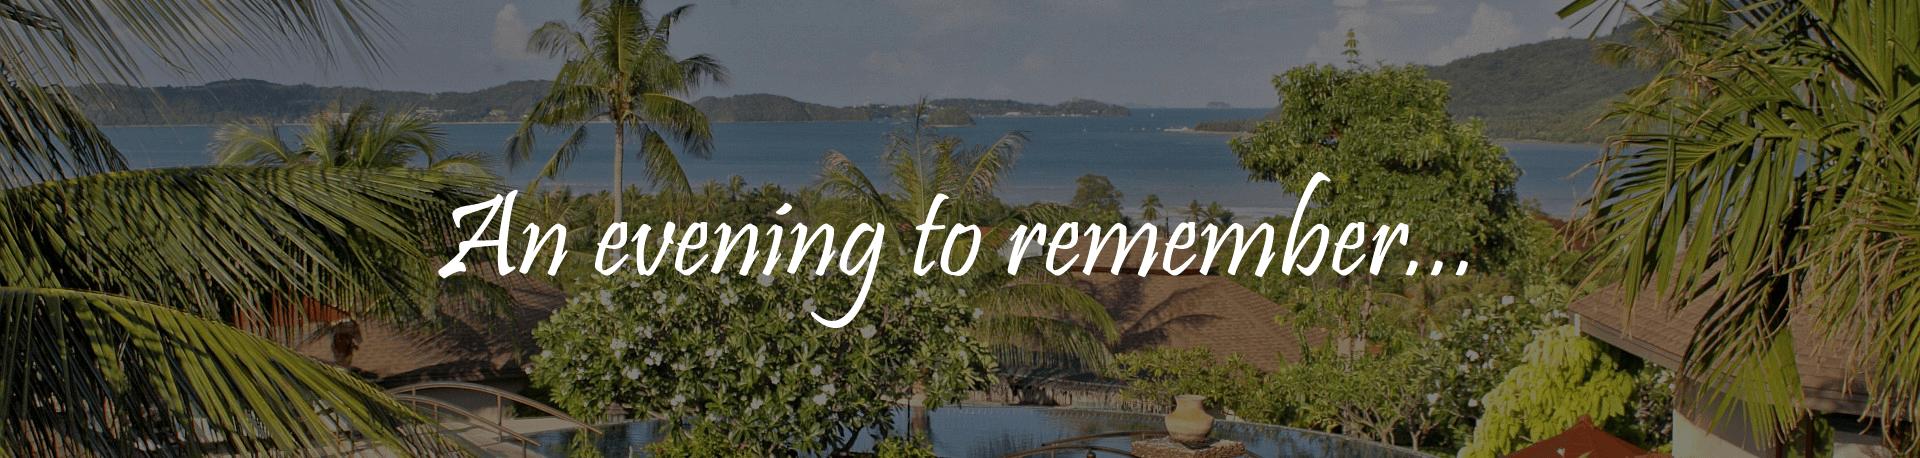 Phuket Resorts, Mangosteen Resort and Ayurveda Spa, Meeting Room View Panorama